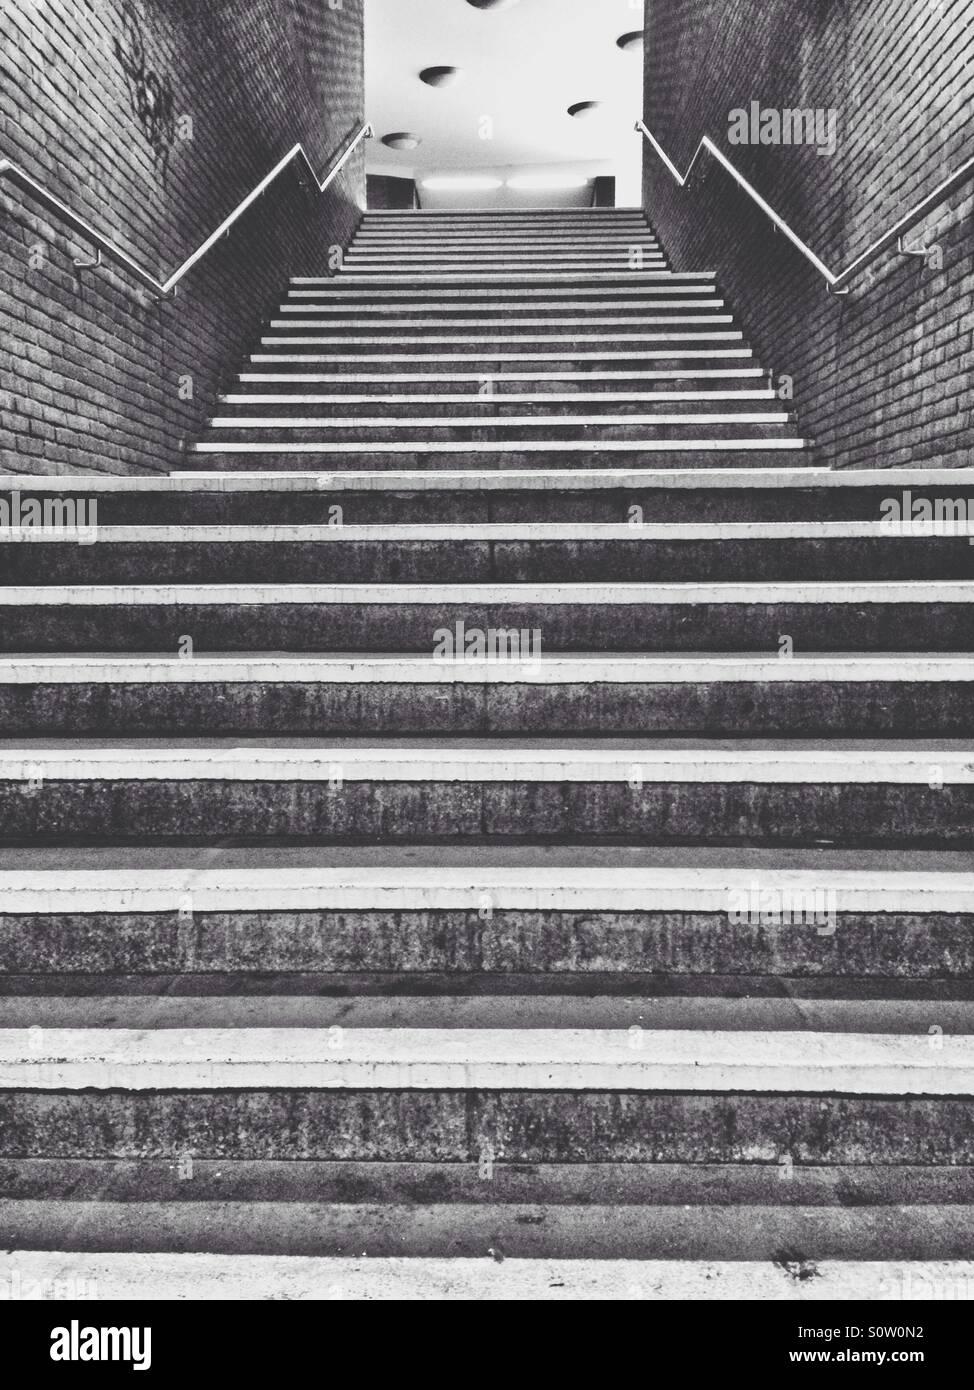 Treppe in einer u-Bahnstation nachschlagen Stockbild